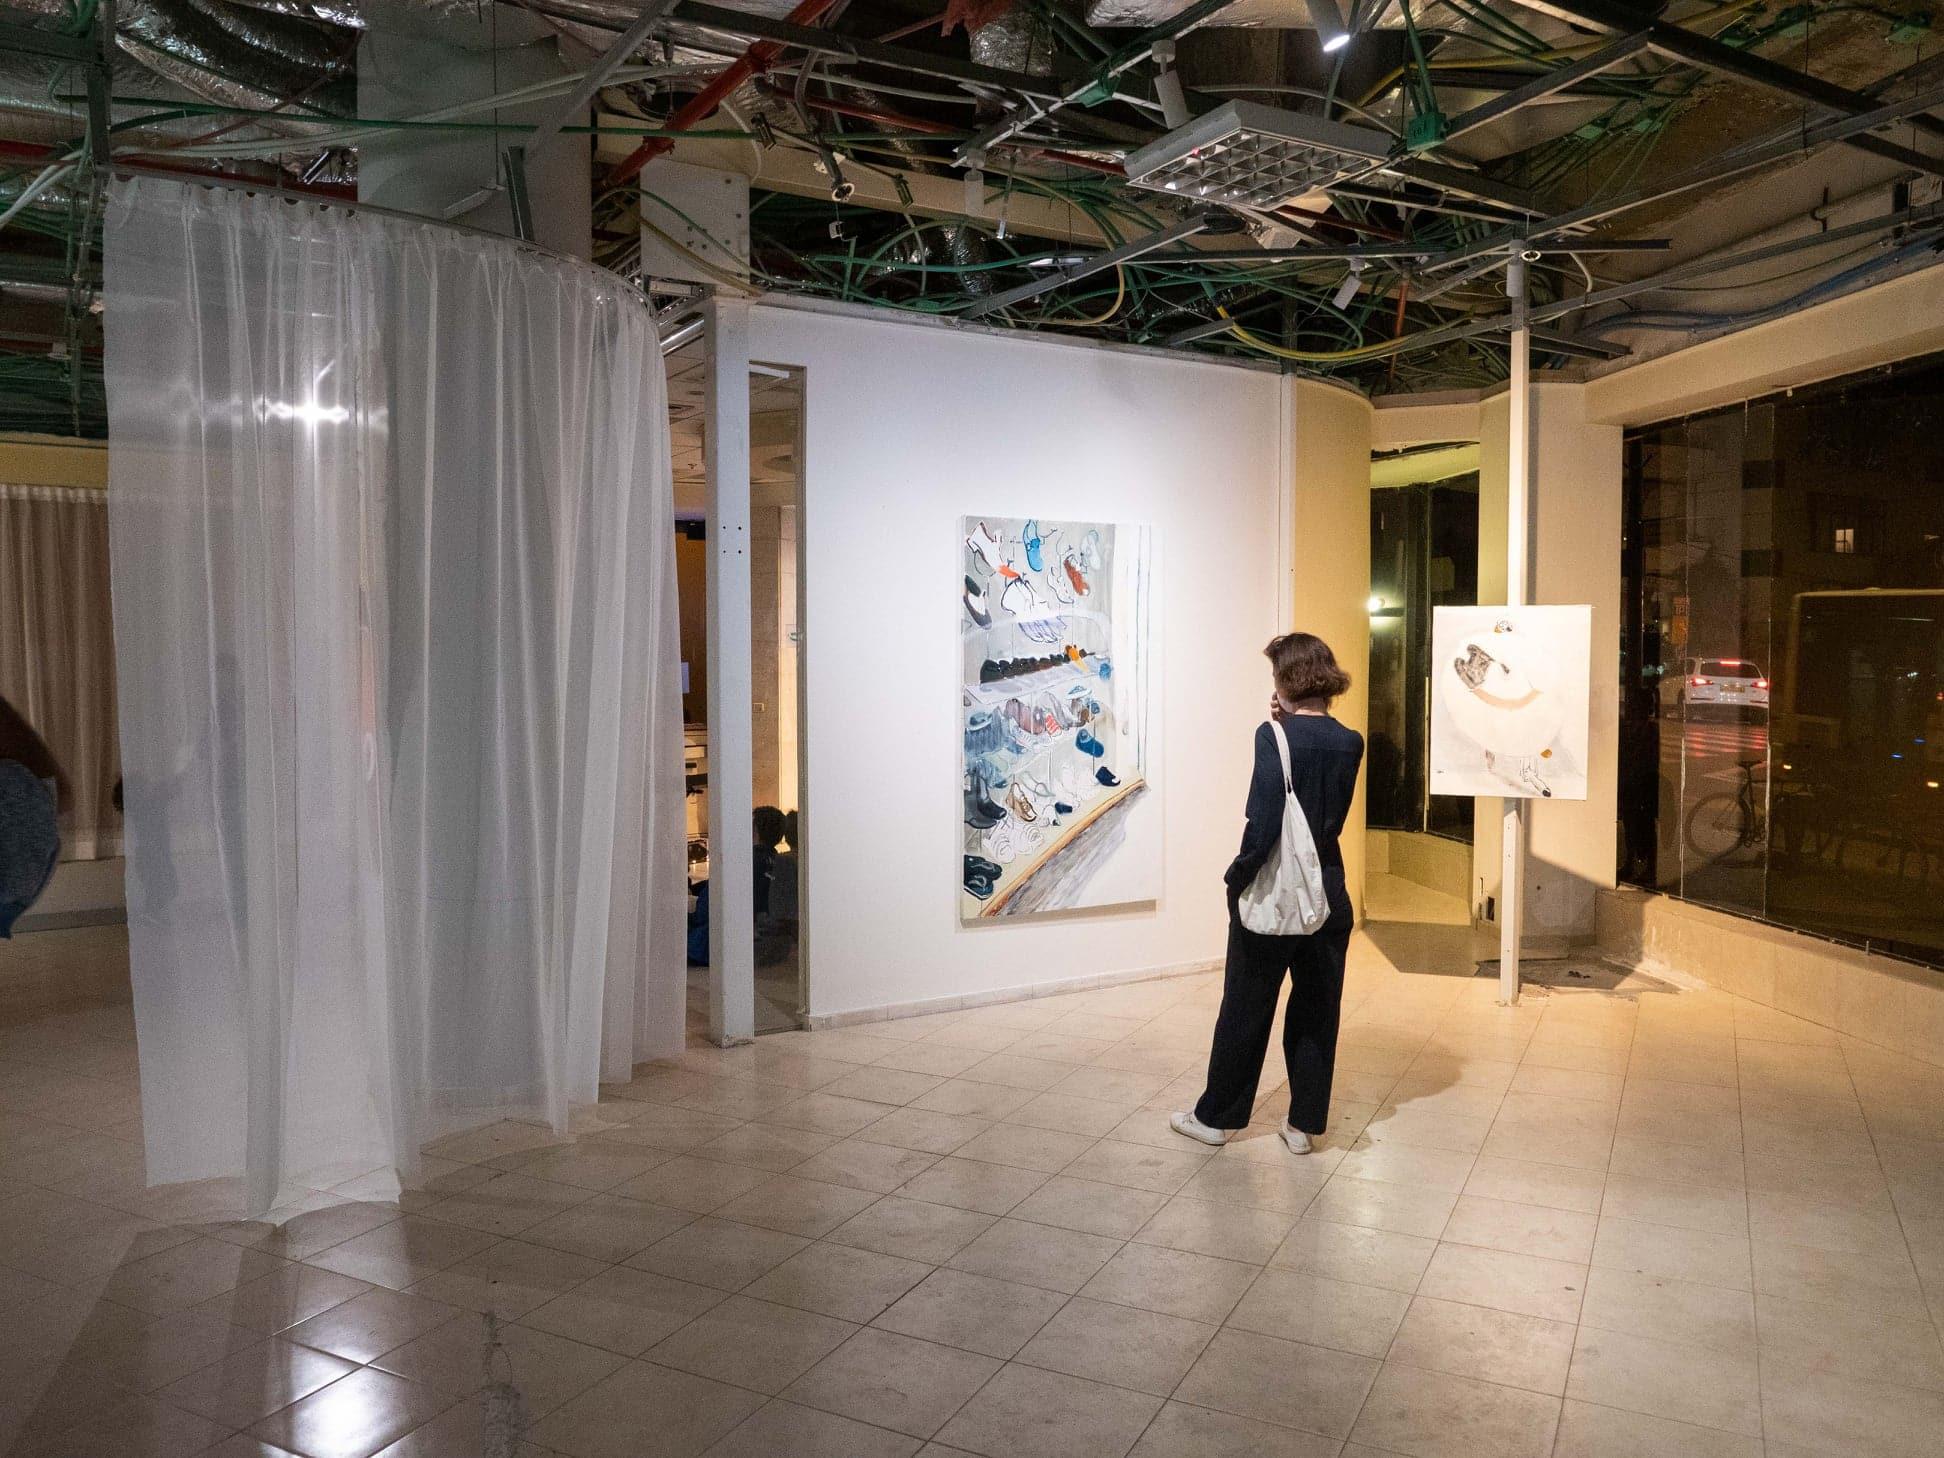 """תערוכה ב""""סטודיו בנק"""", נובמבר 2020 (צילום: עמוד הפייסבוק של סטודיו בנק)"""